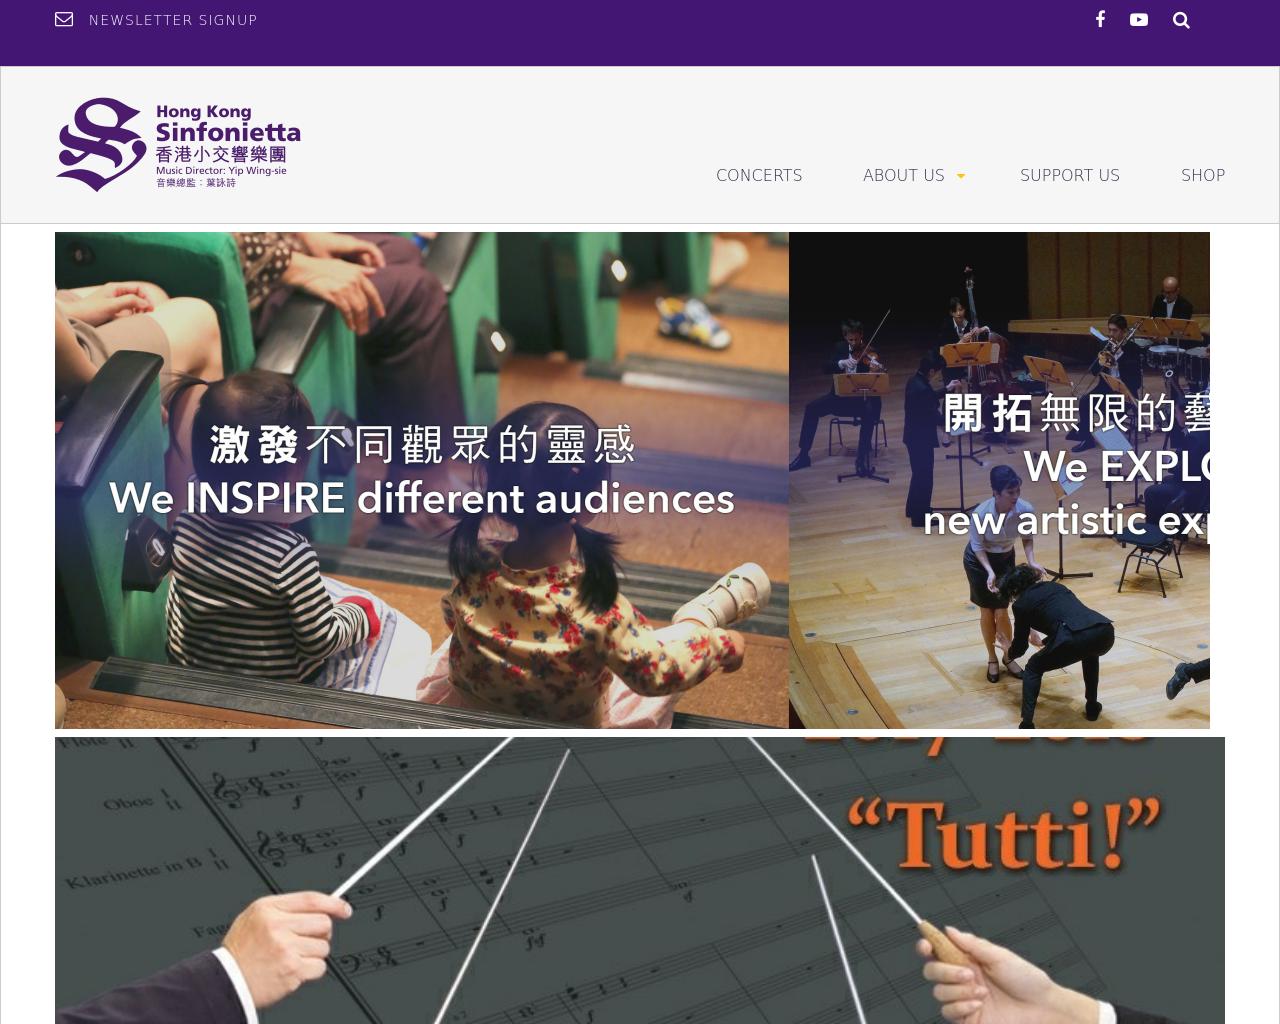 Hong-Kong-Sinfonietta-Advertising-Reviews-Pricing